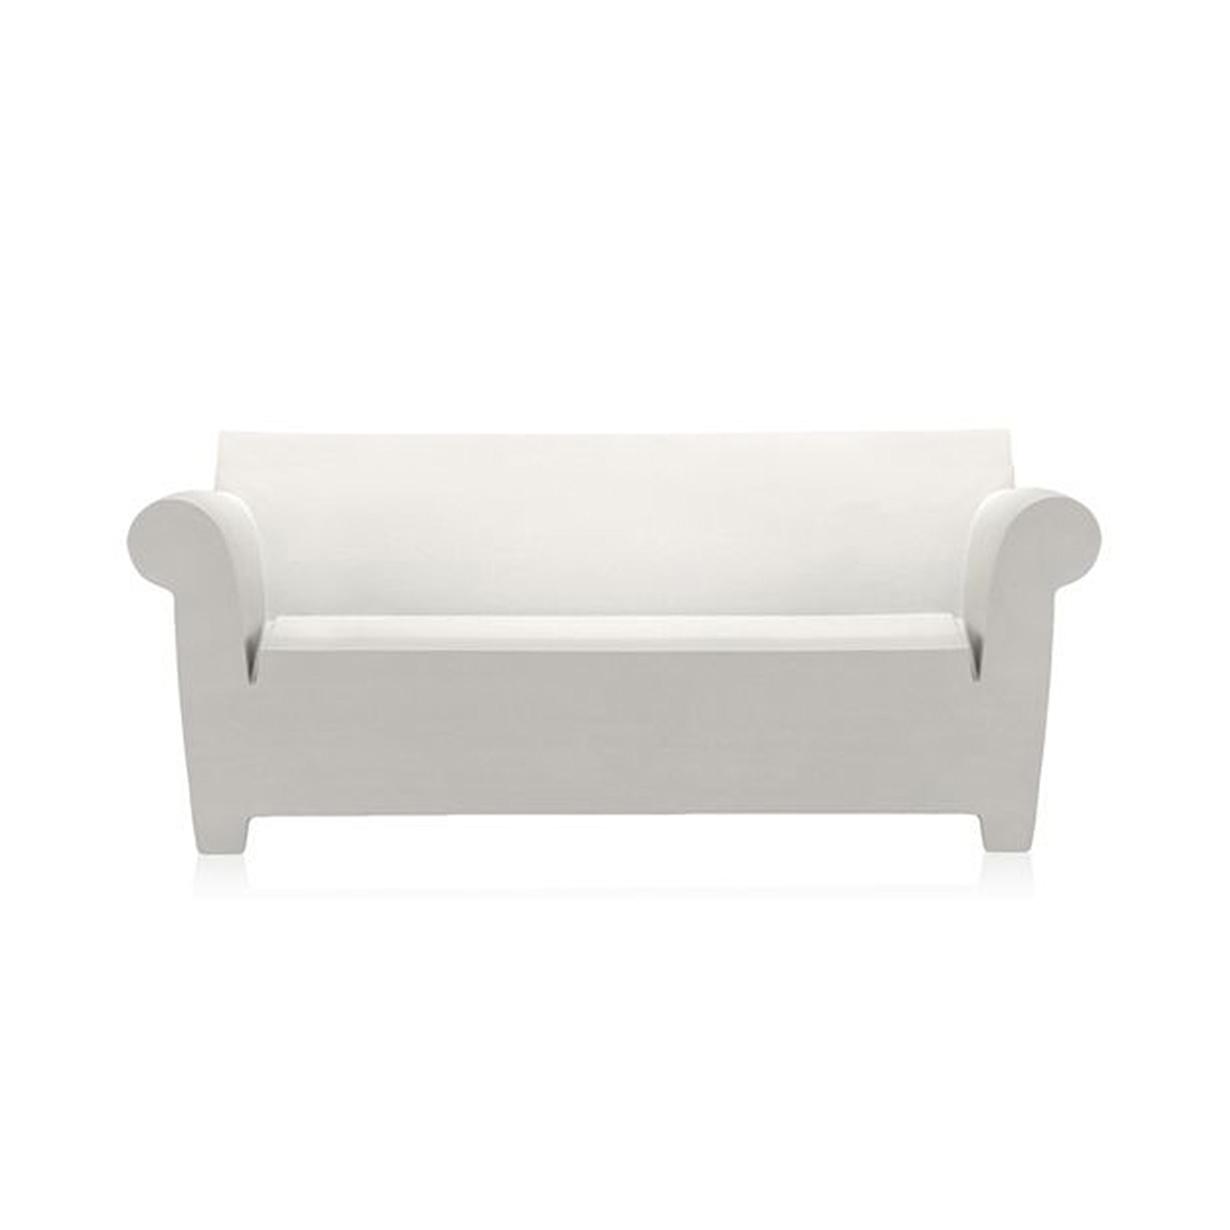 casa italy sofa singapore italian leather sofas in bangalore divano da esterno bubble by kartell lovethesign